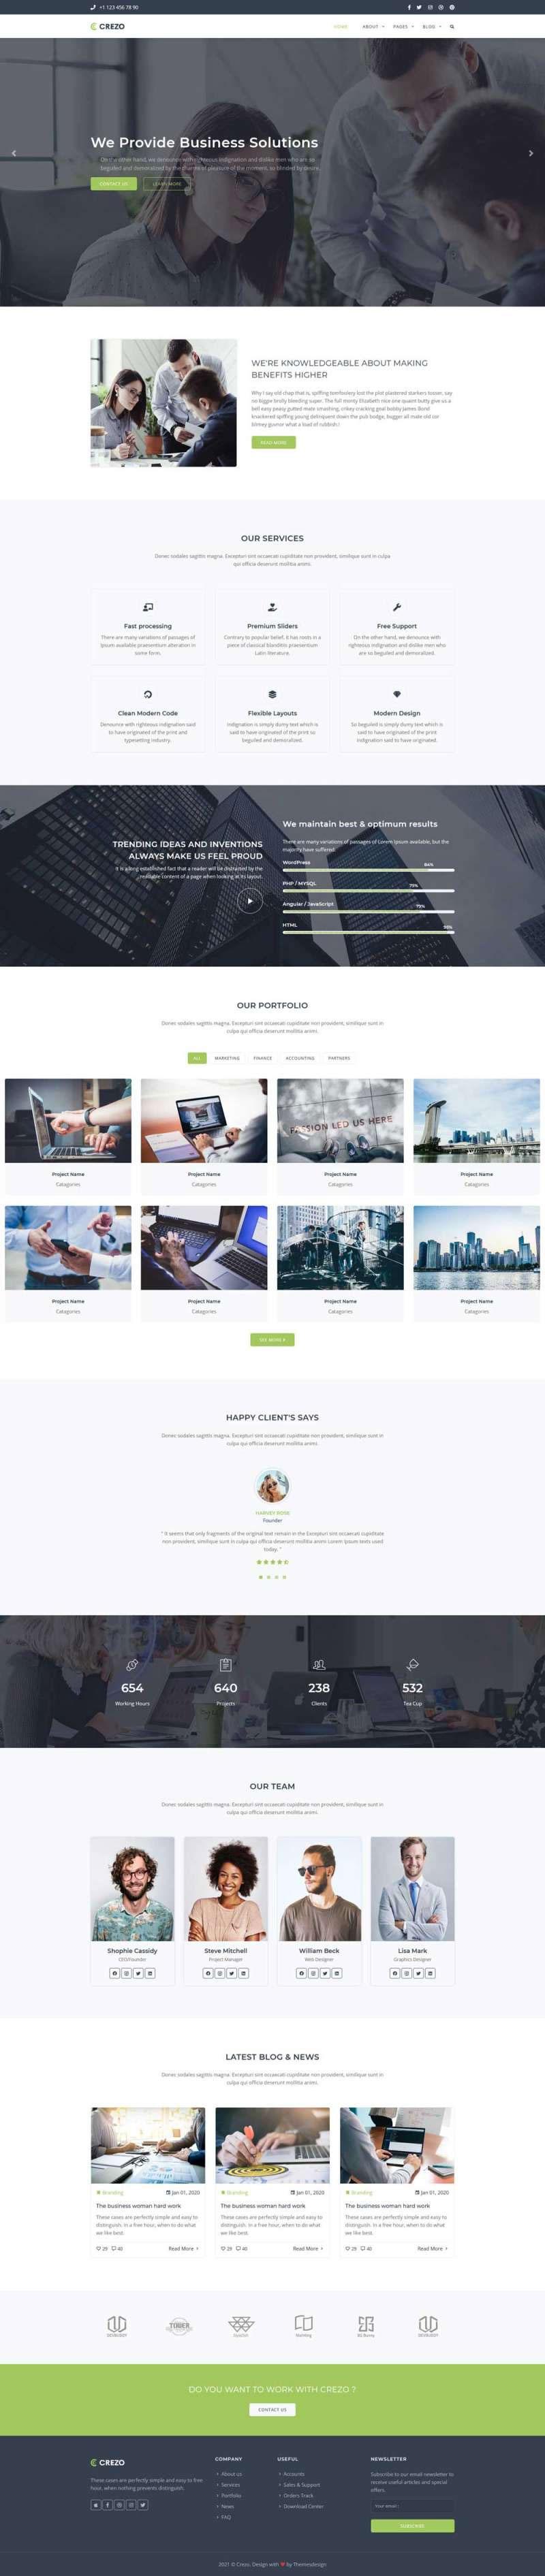 Bootstrap响应式多用途商业服务公司网站模板